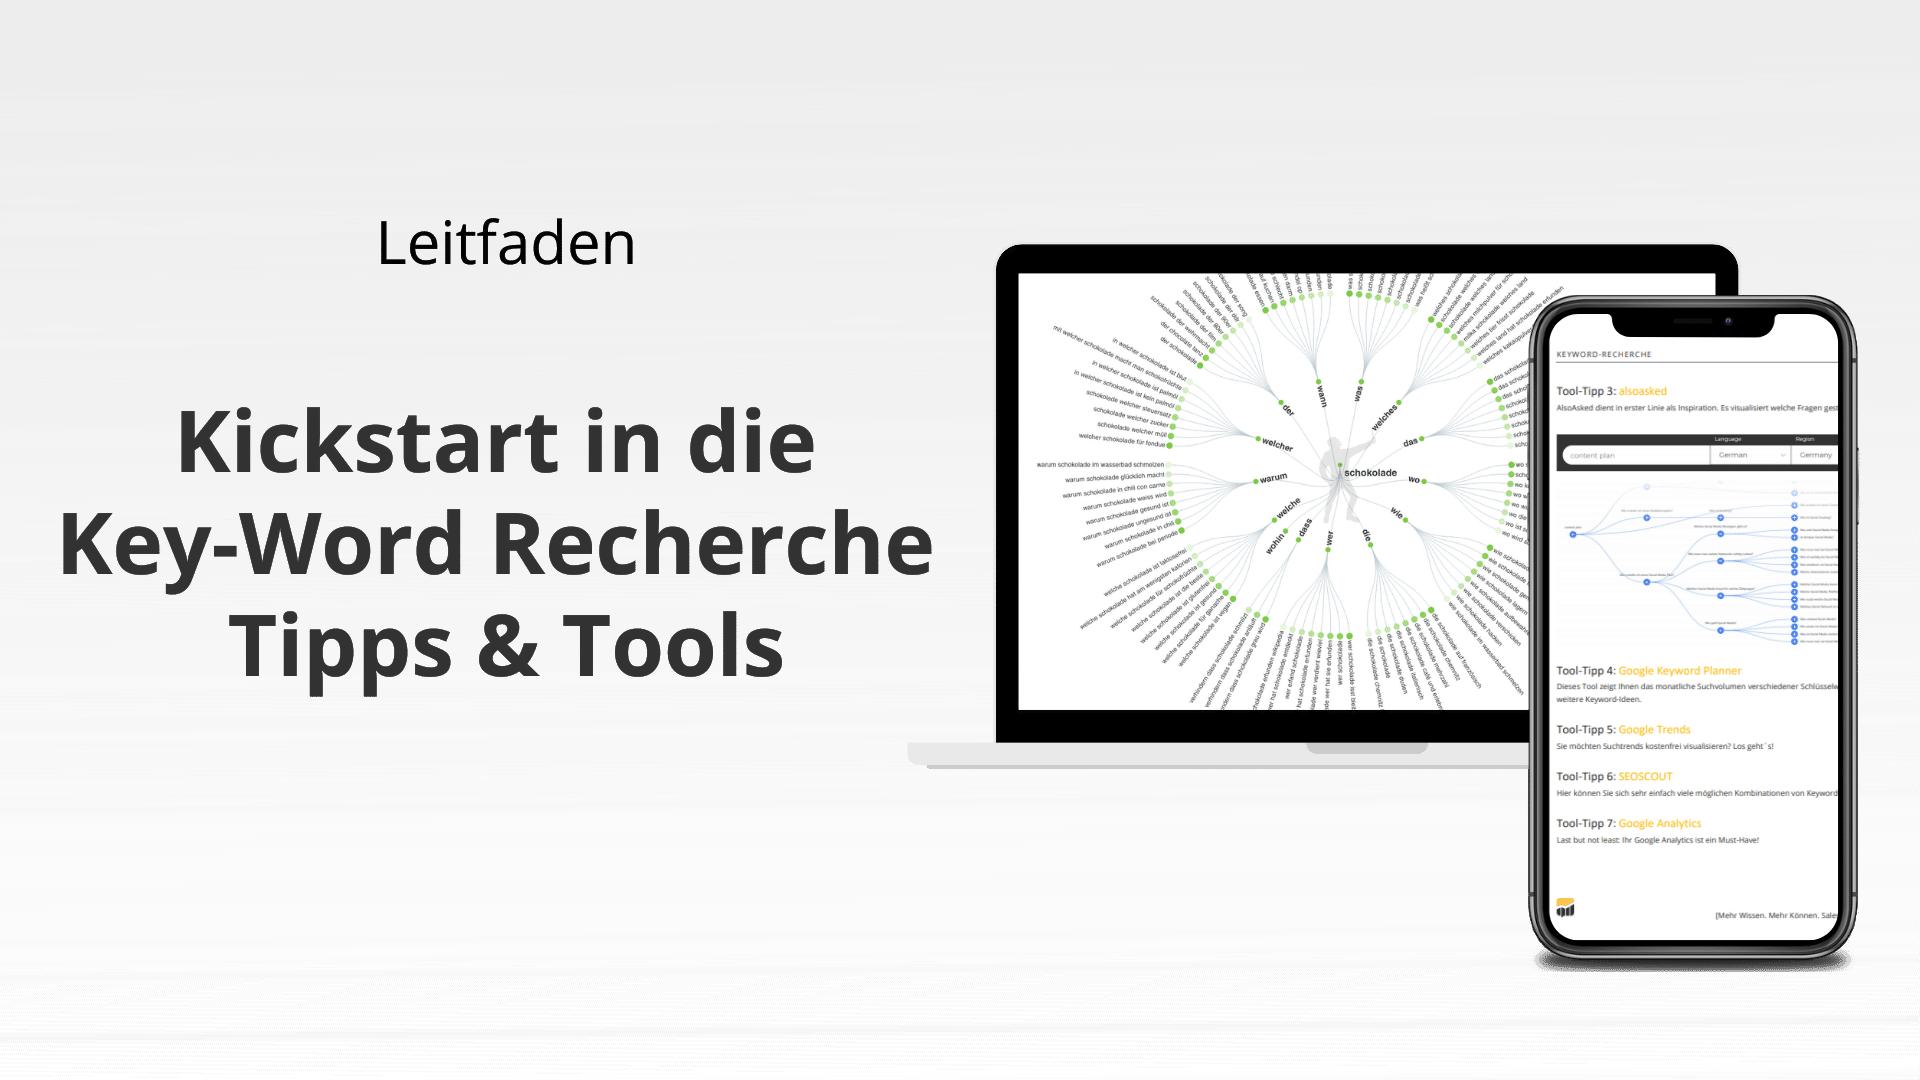 leitfaden-salessation-kickstart-keyword-recherche